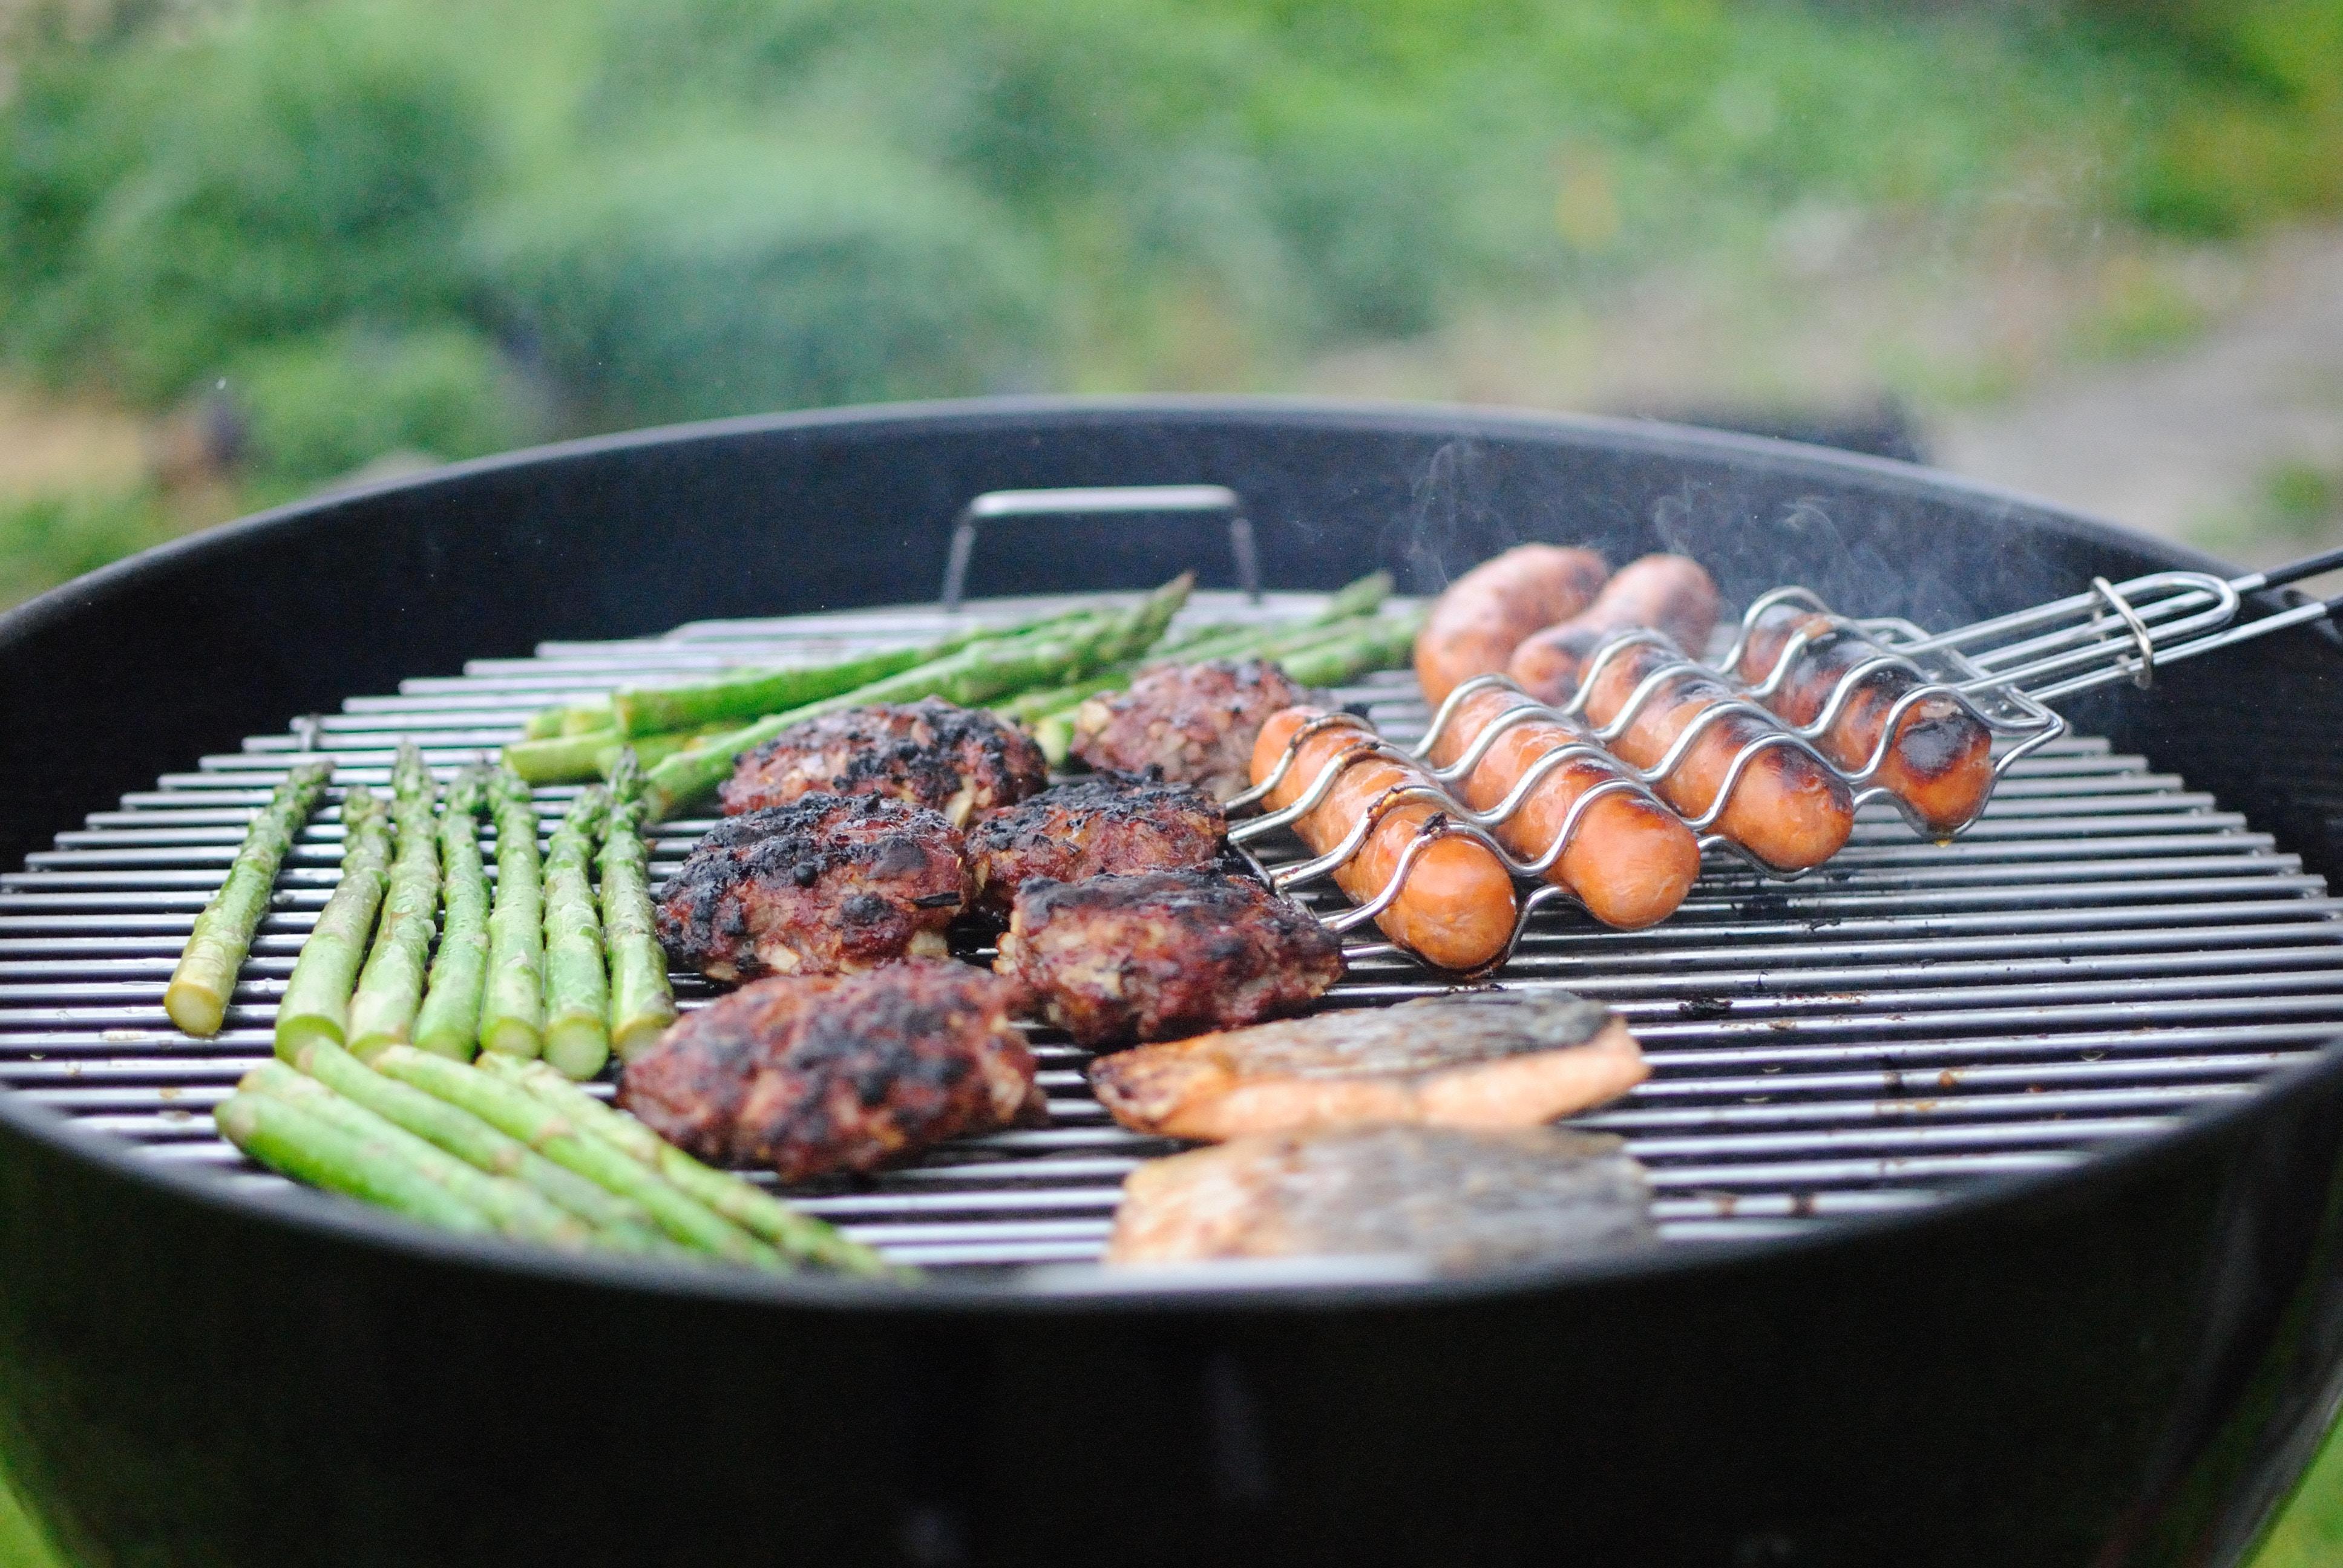 Majówka: początek sezonu grillowego! Czy grillowanie jest zdrowe?